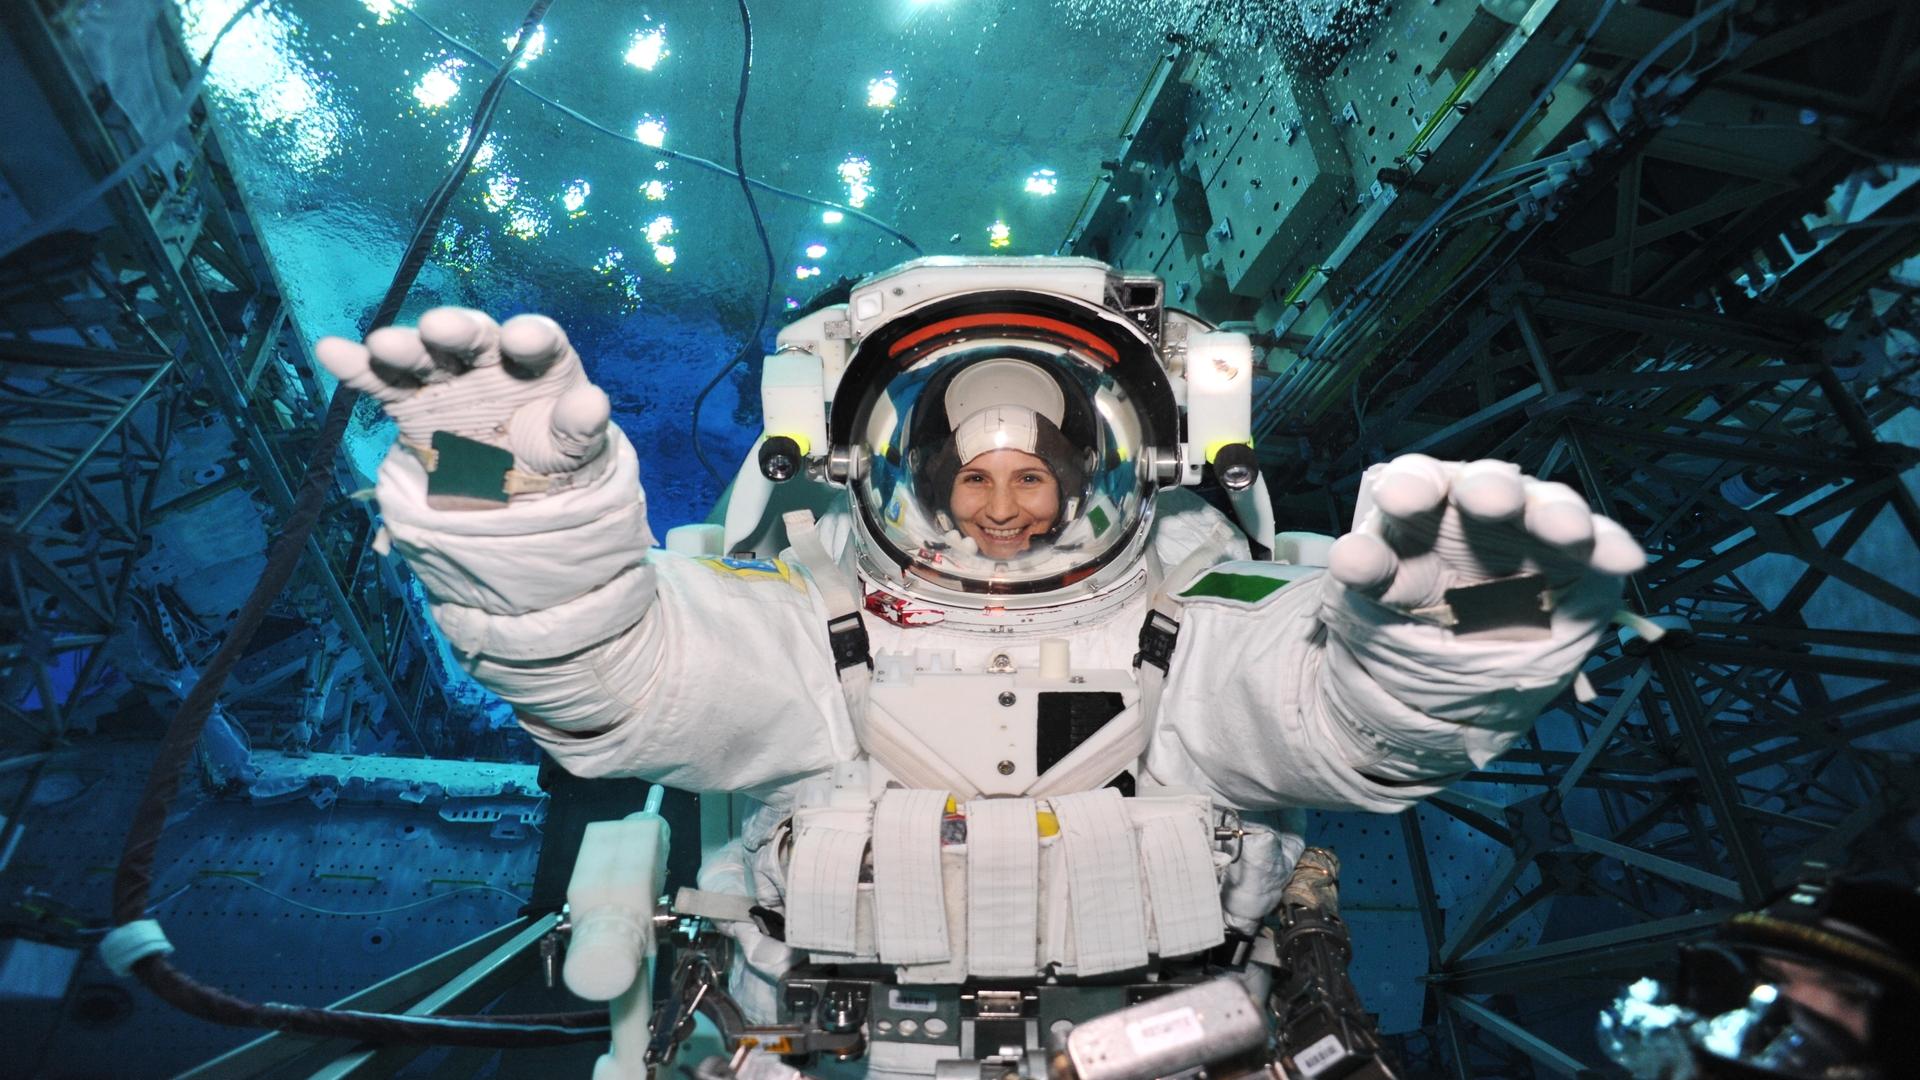 ASI - Samantha Cristoforetti tornerà sulla ISS nel 2022